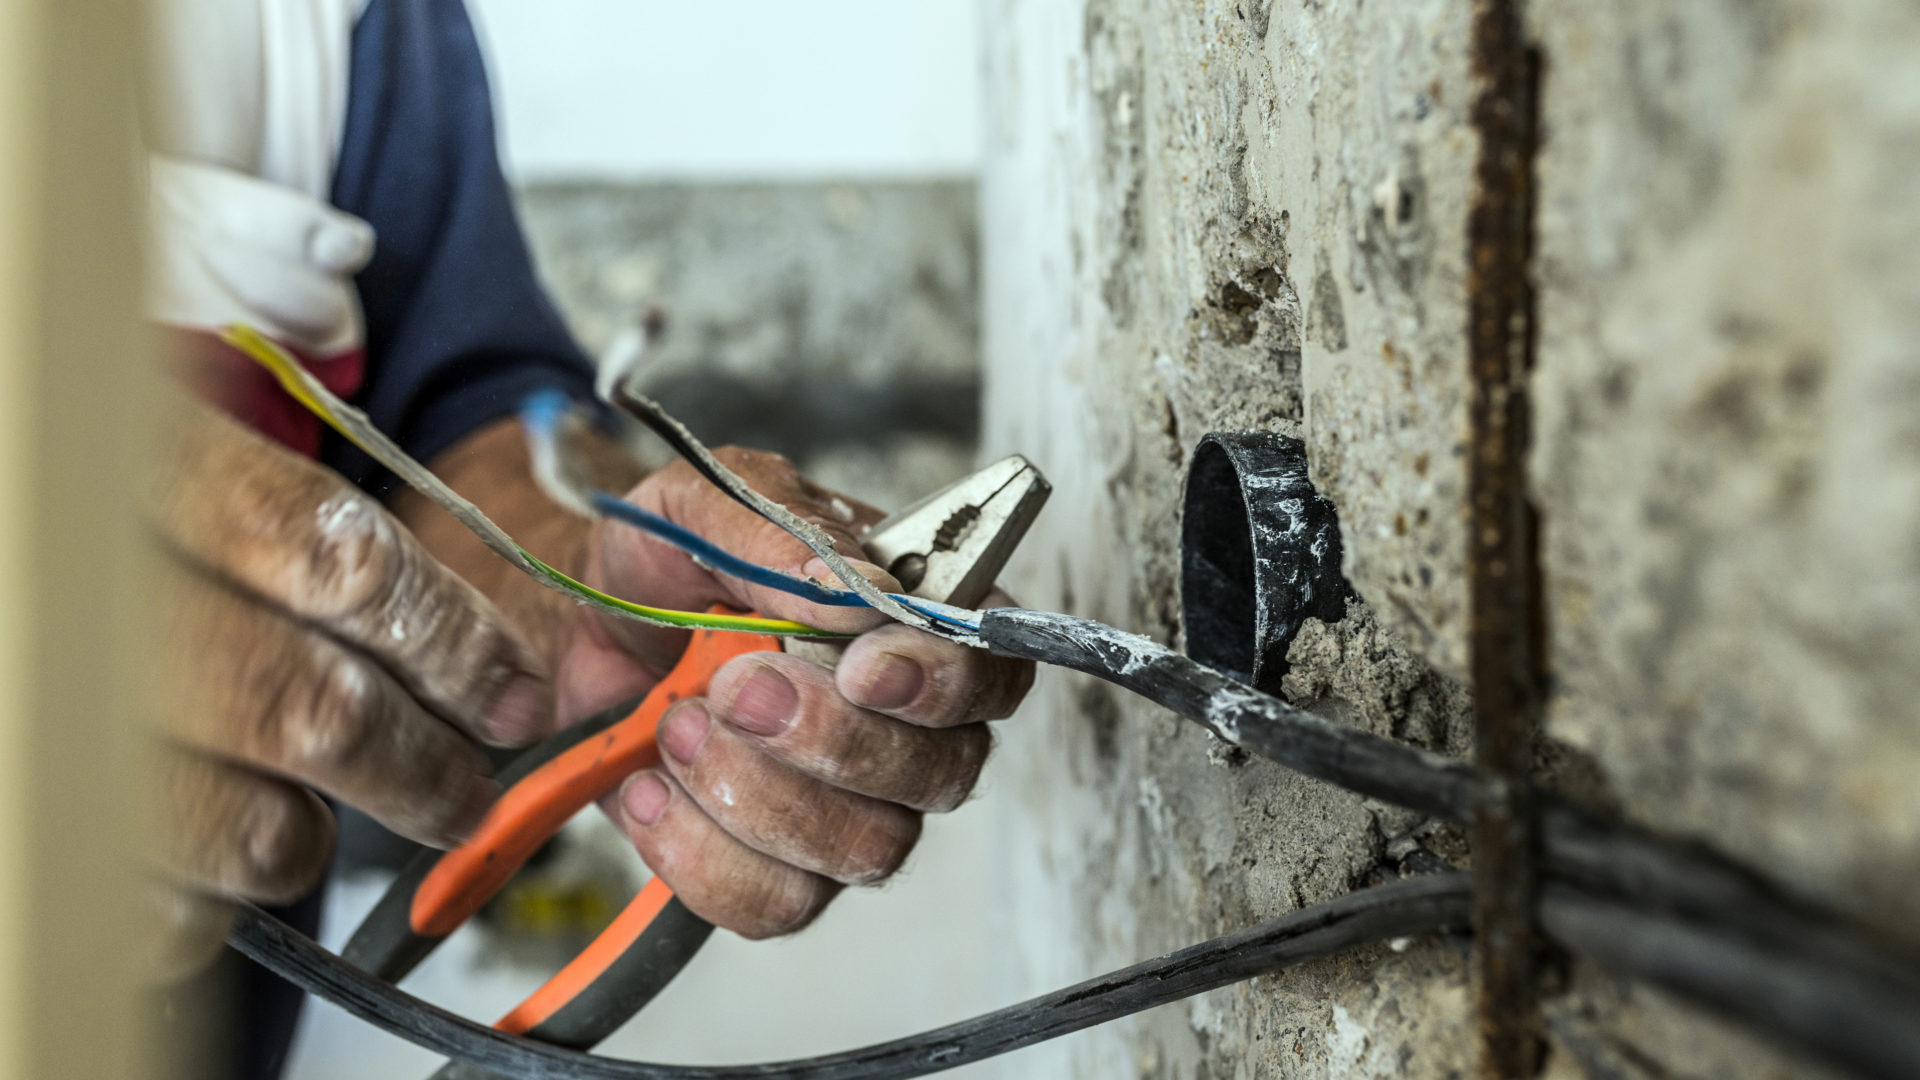 Sähkö- ja teleurakoitsijaliitto STUL varoittaa, että oven taakse ilmestyvä myyjä saattaa esittäytyä sähköurakoitsijaksi tai valtuutetuksi sähkötarkastajaksi.